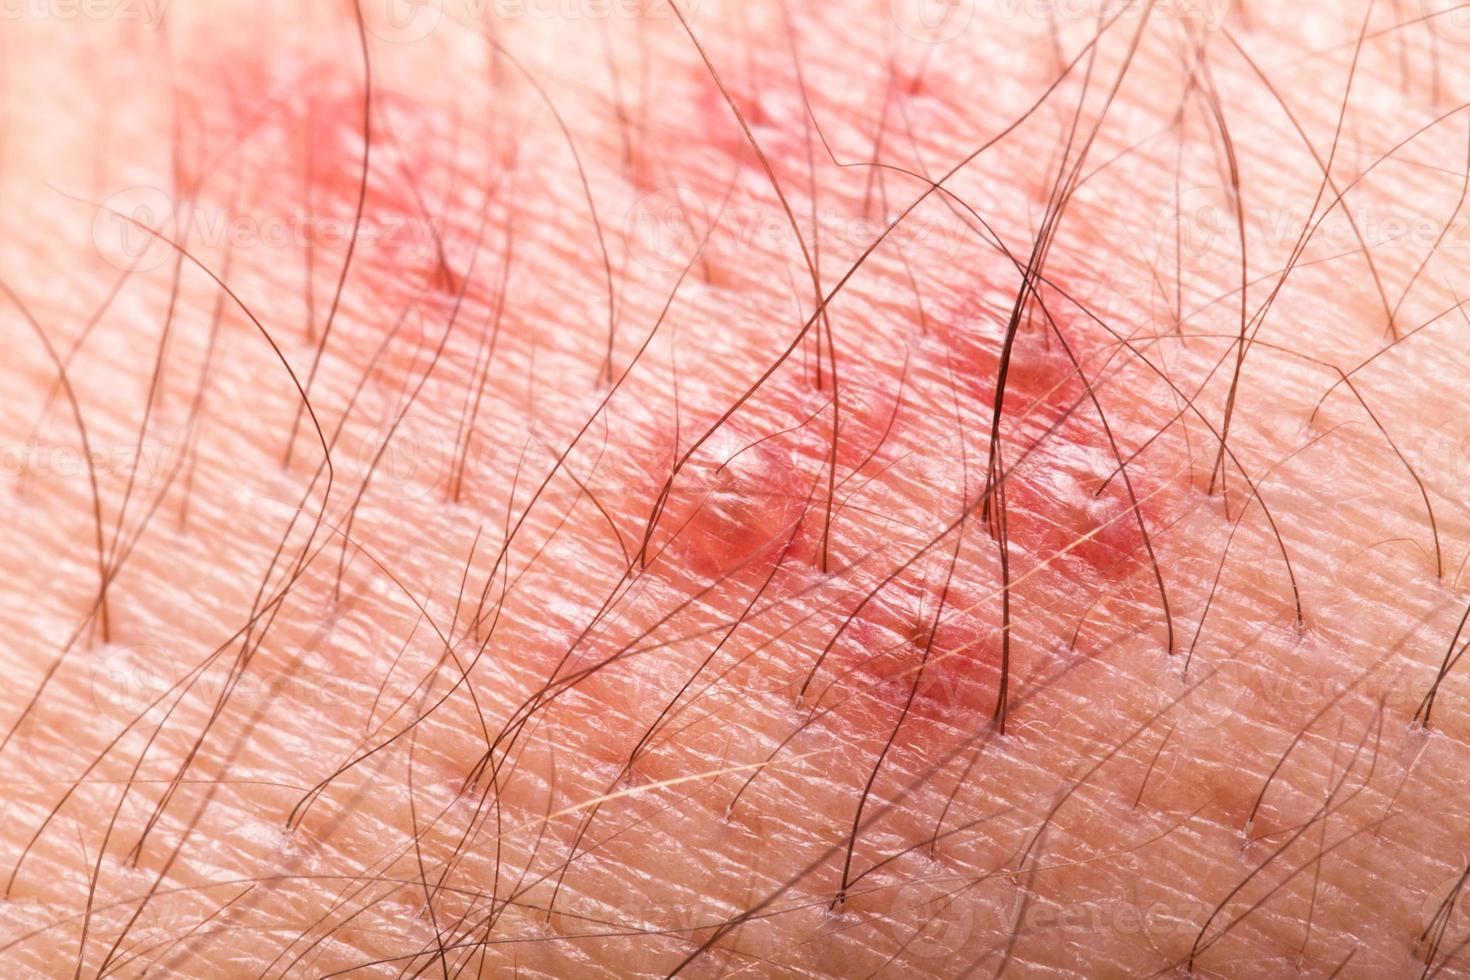 primer plano extremo de un brazo peludo que tiene una erupción de culebrilla roja foto